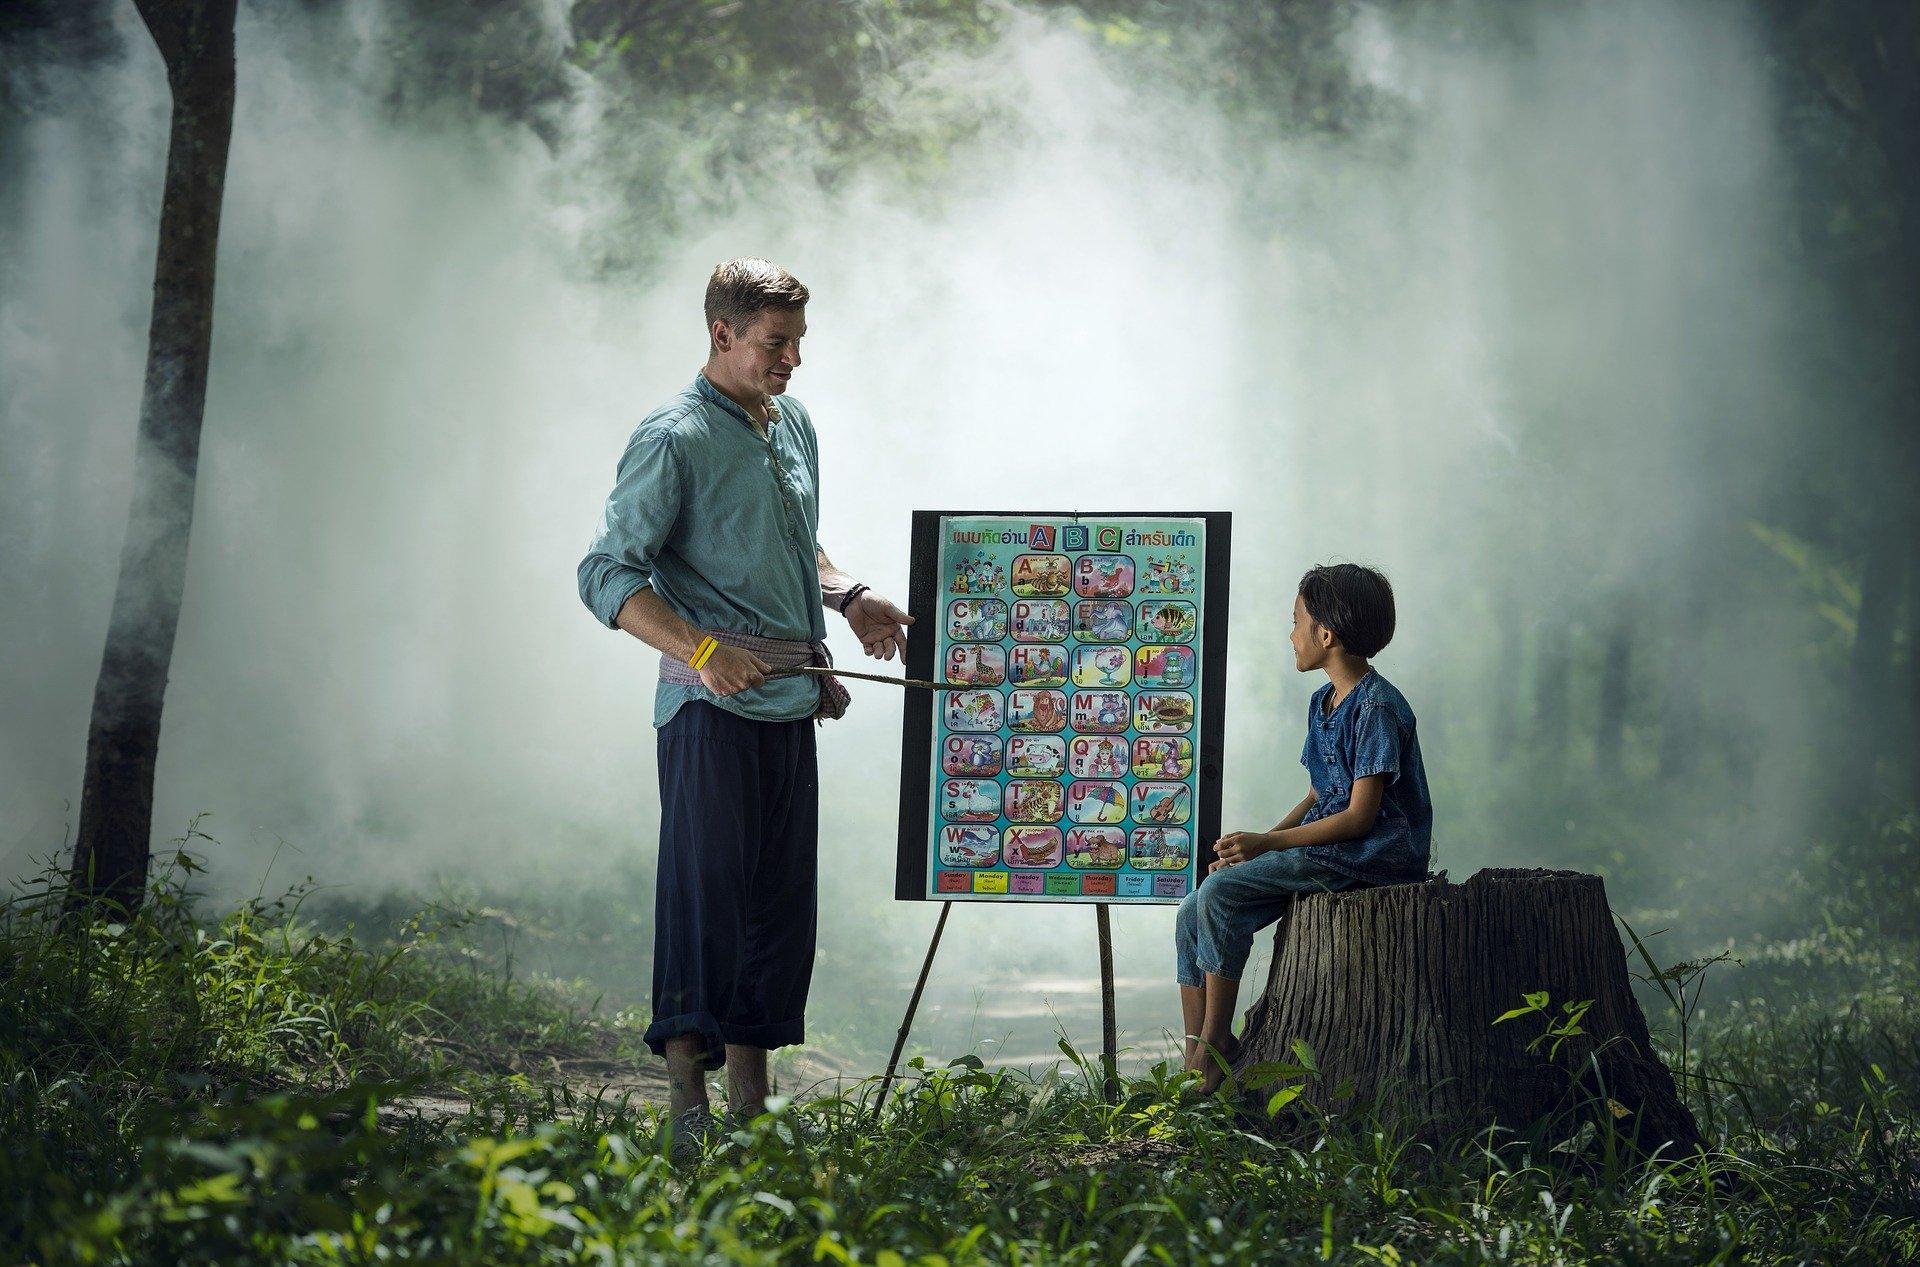 un insegnante in un bosco insegna l'alfabeto ad un ragazzo